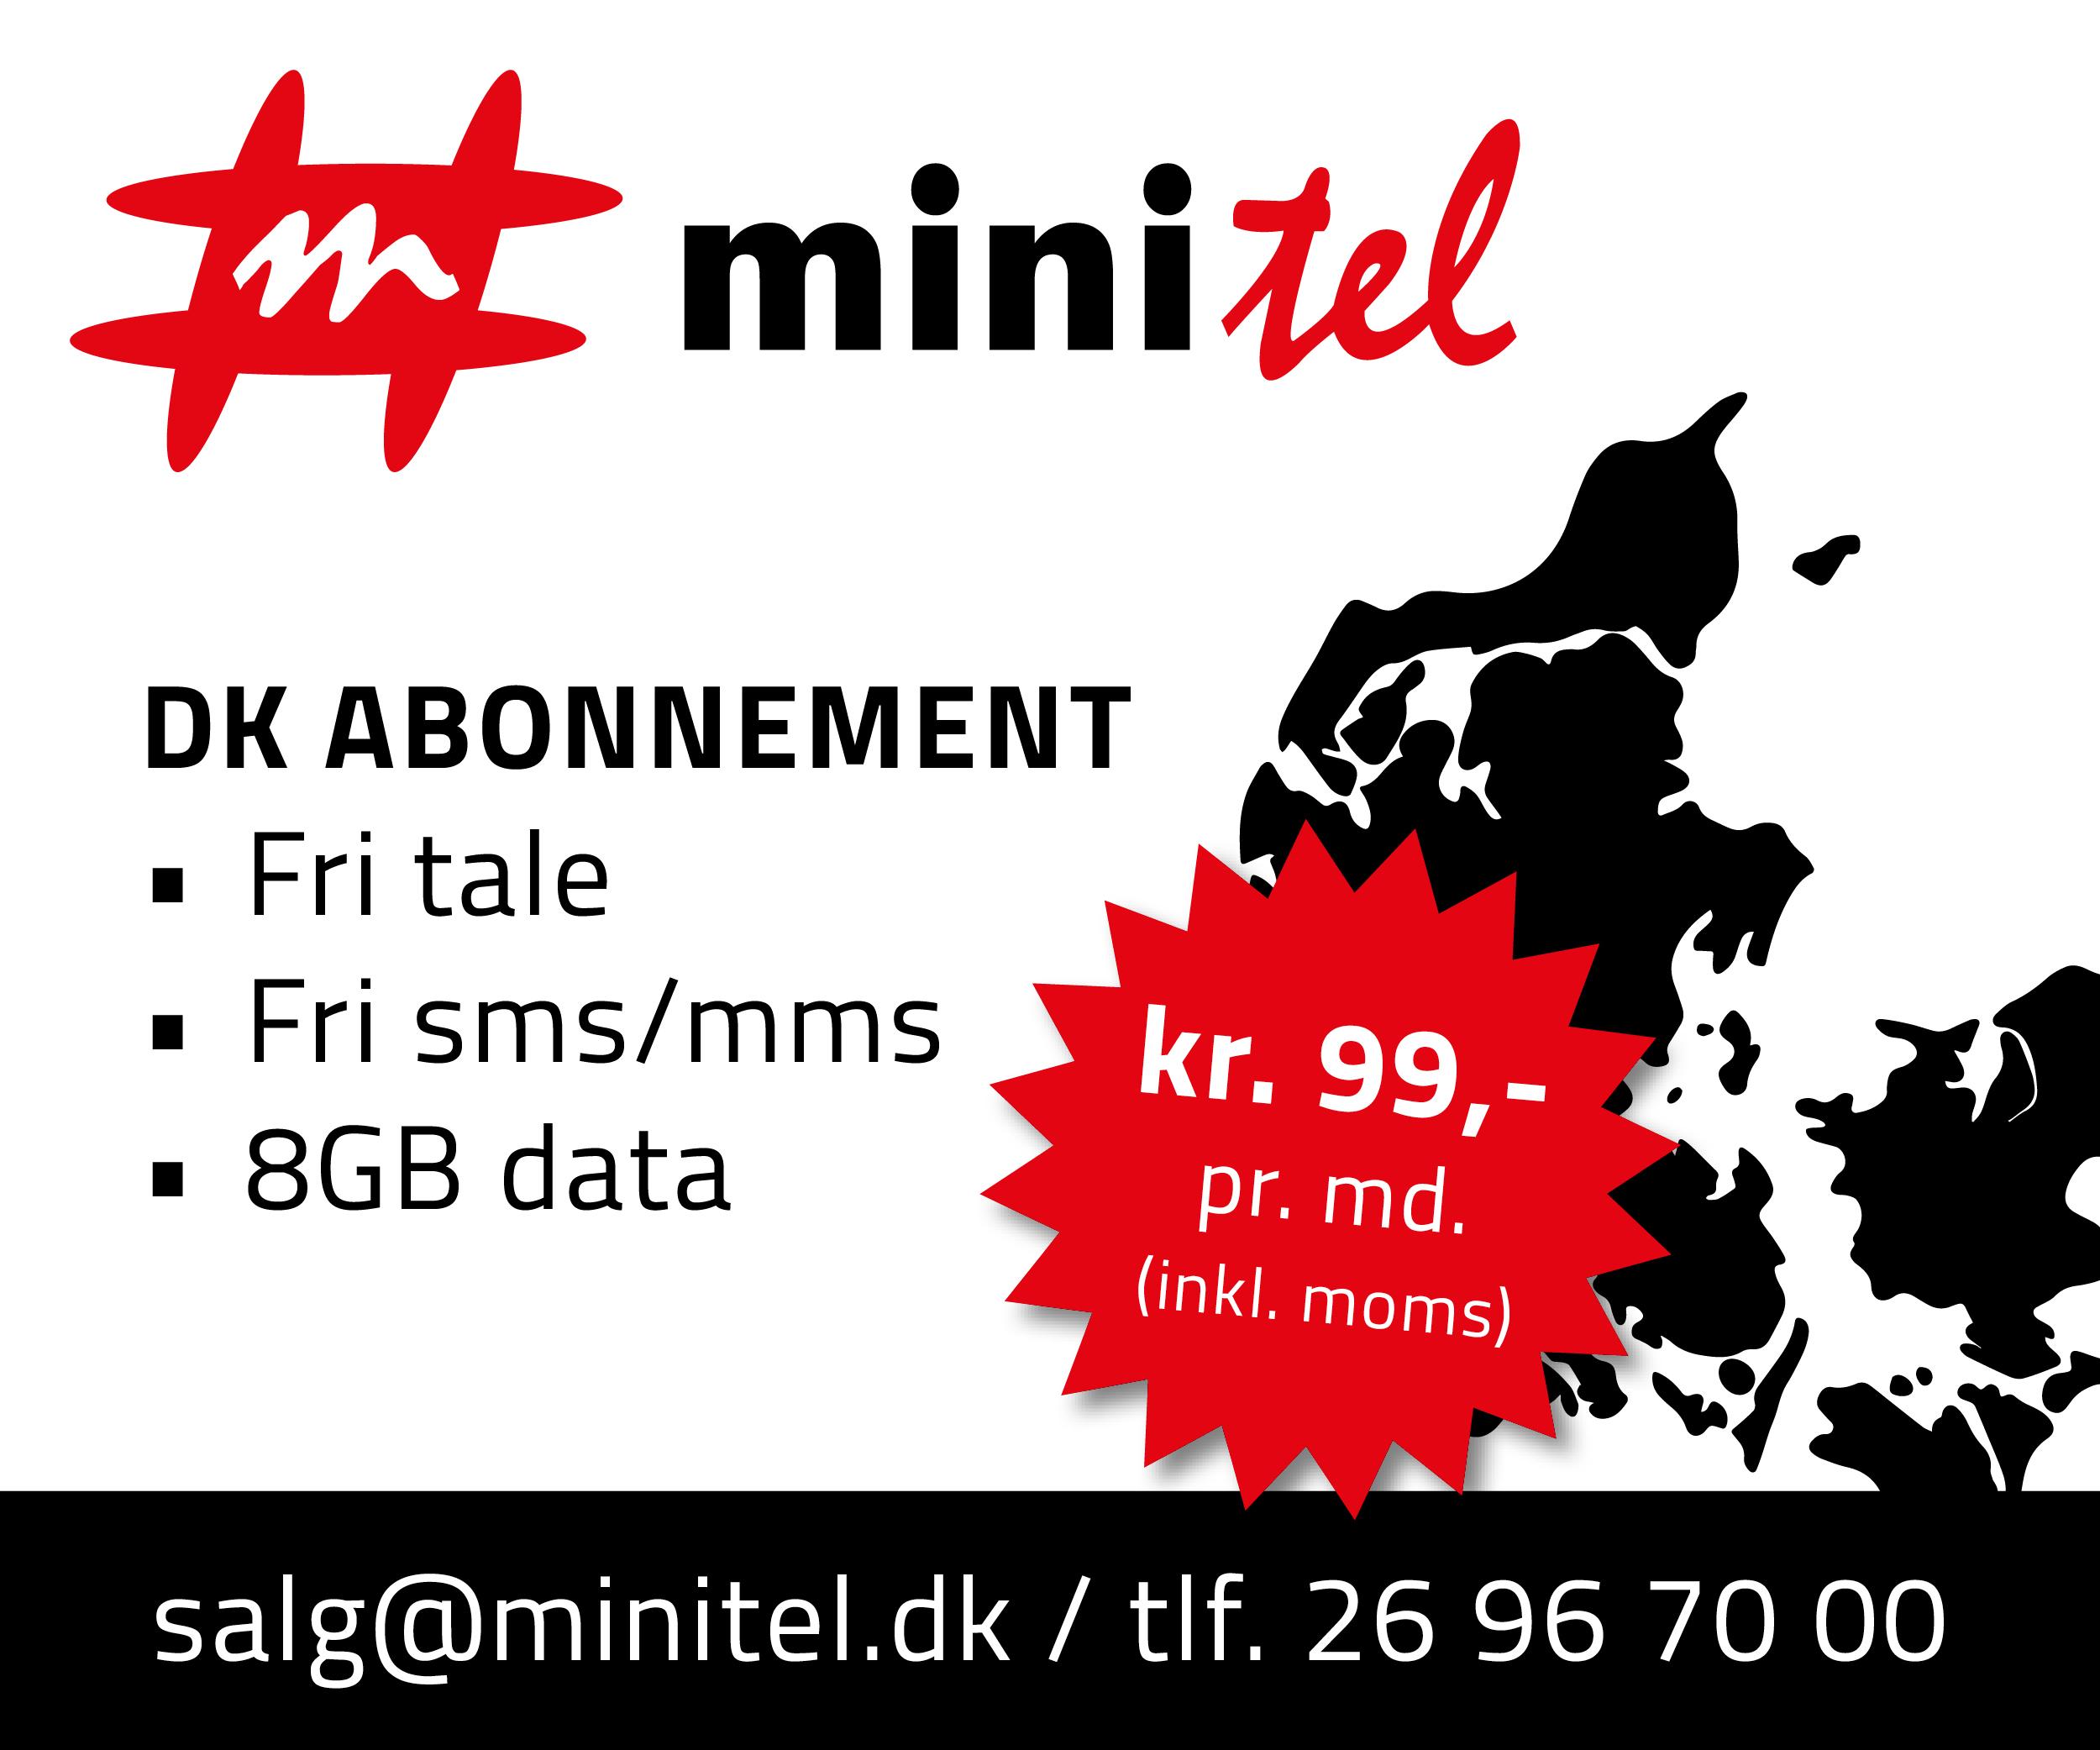 Minitel